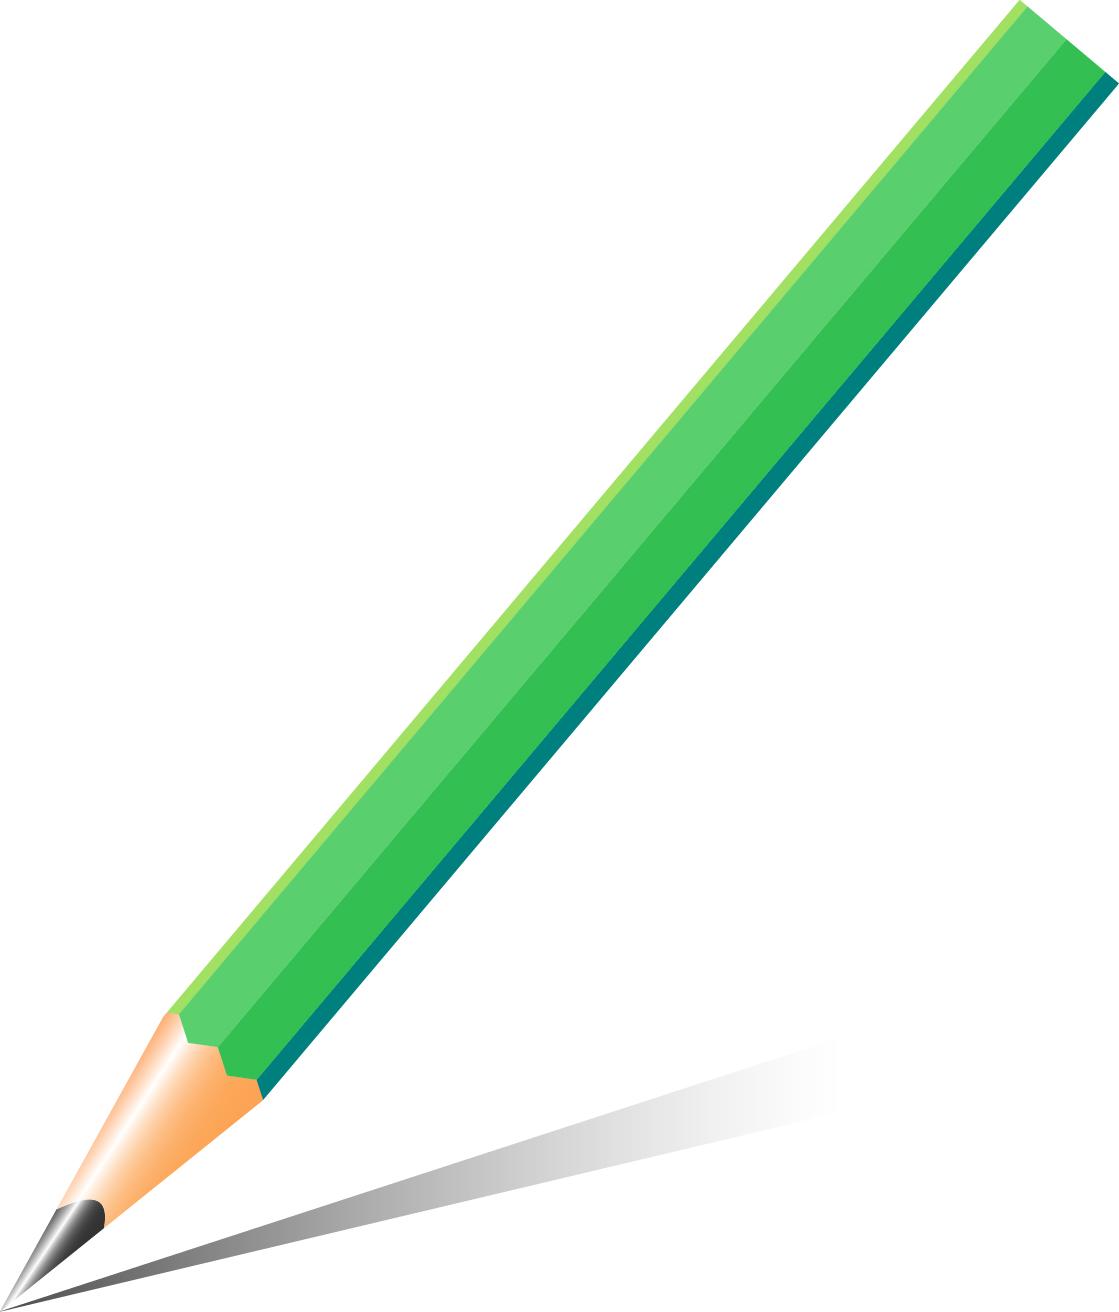 鉛筆のイメージ画像